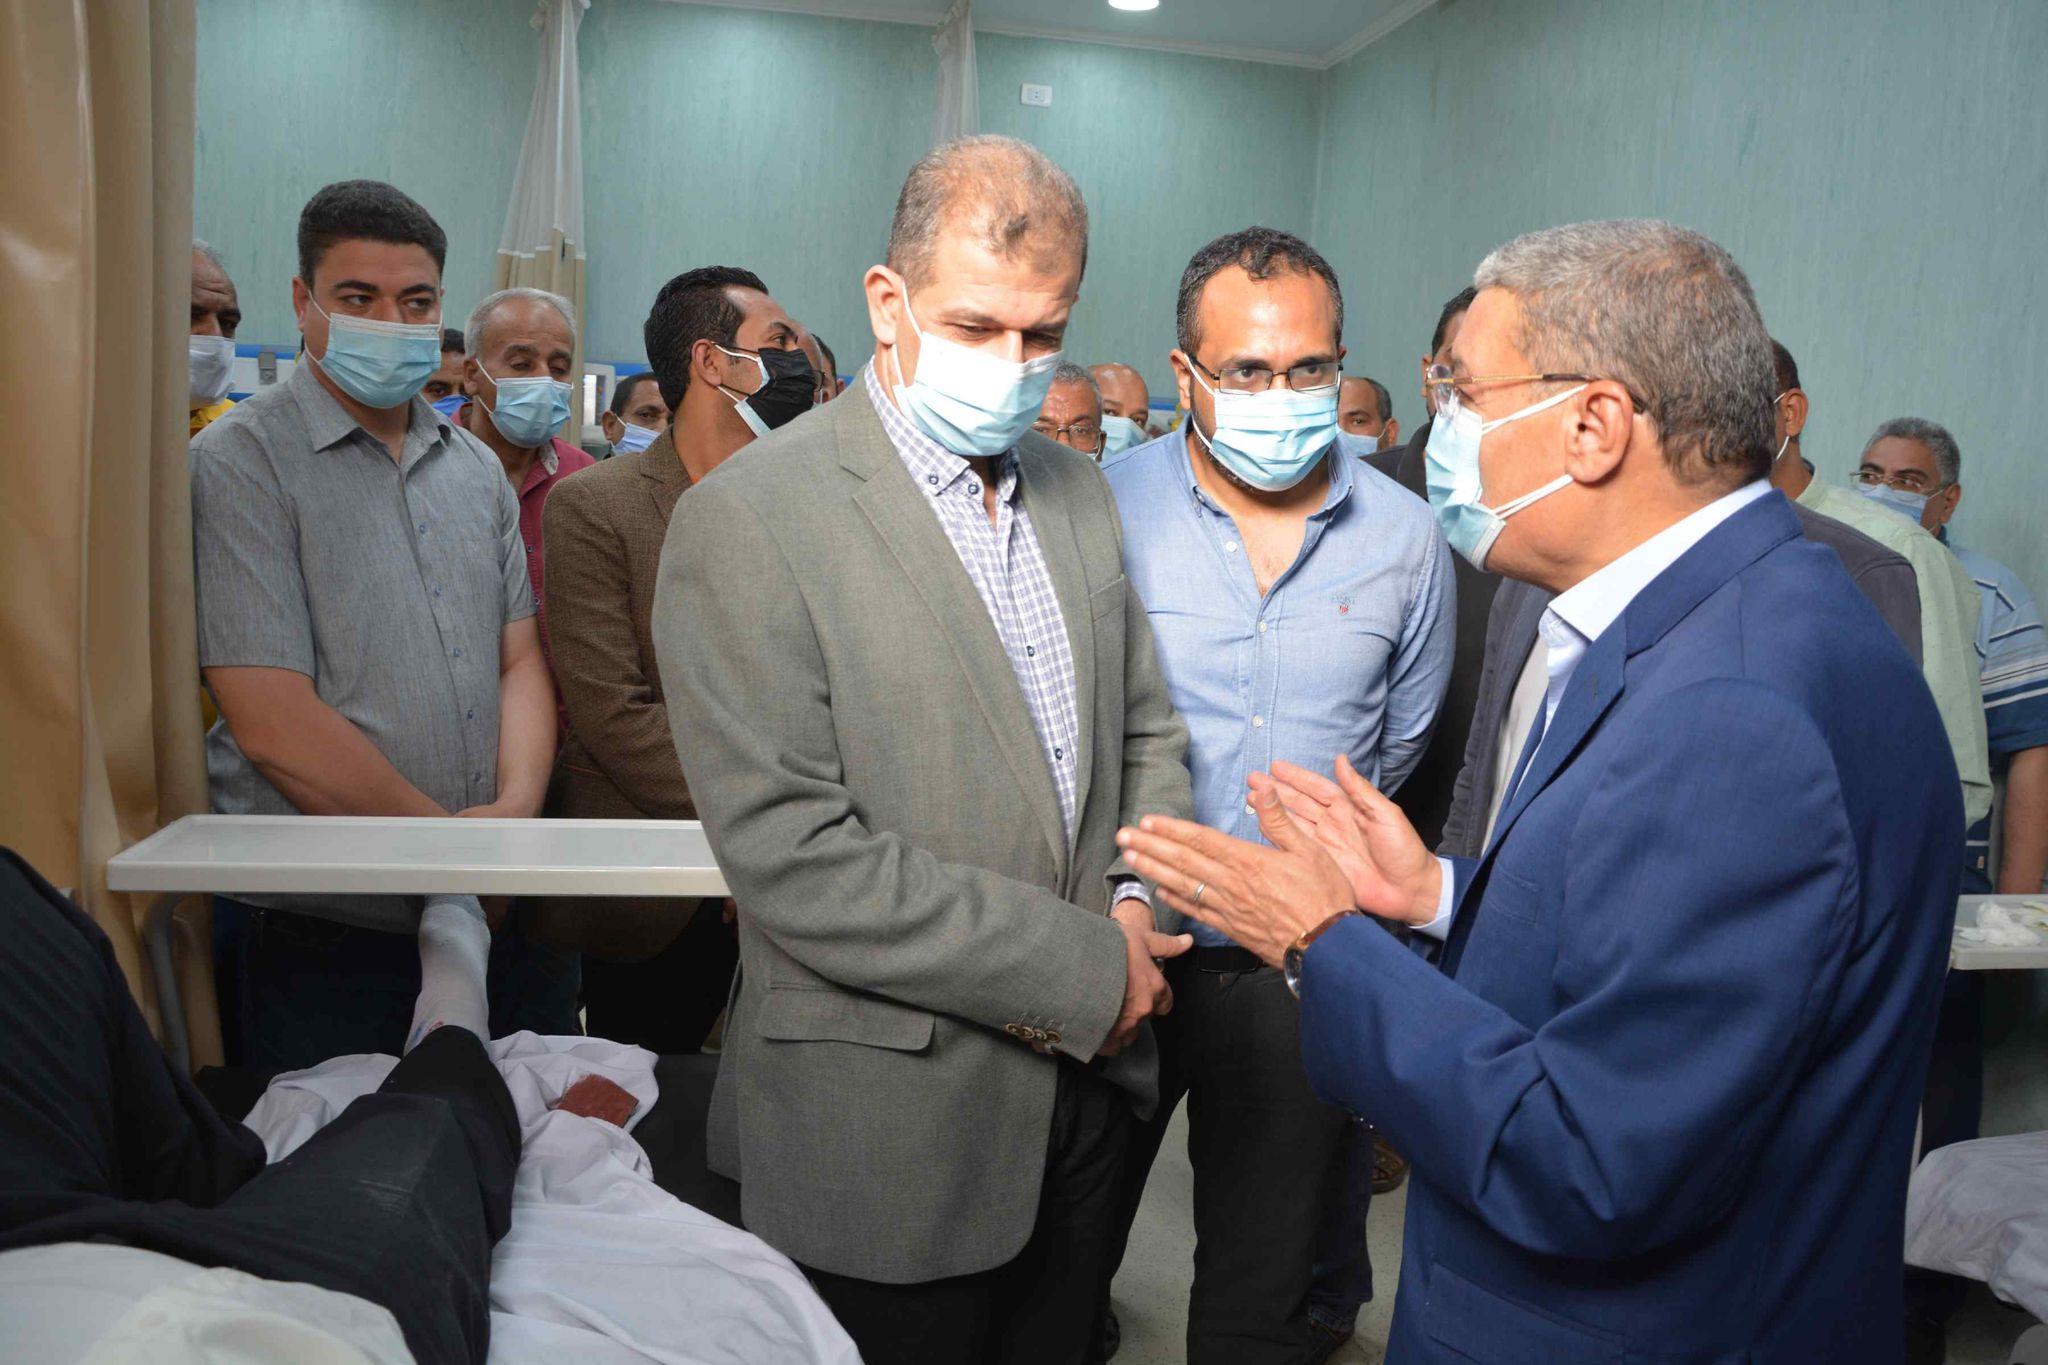 محافظ المنيا يزور رئيس ابو قرقاص بالمستشفى